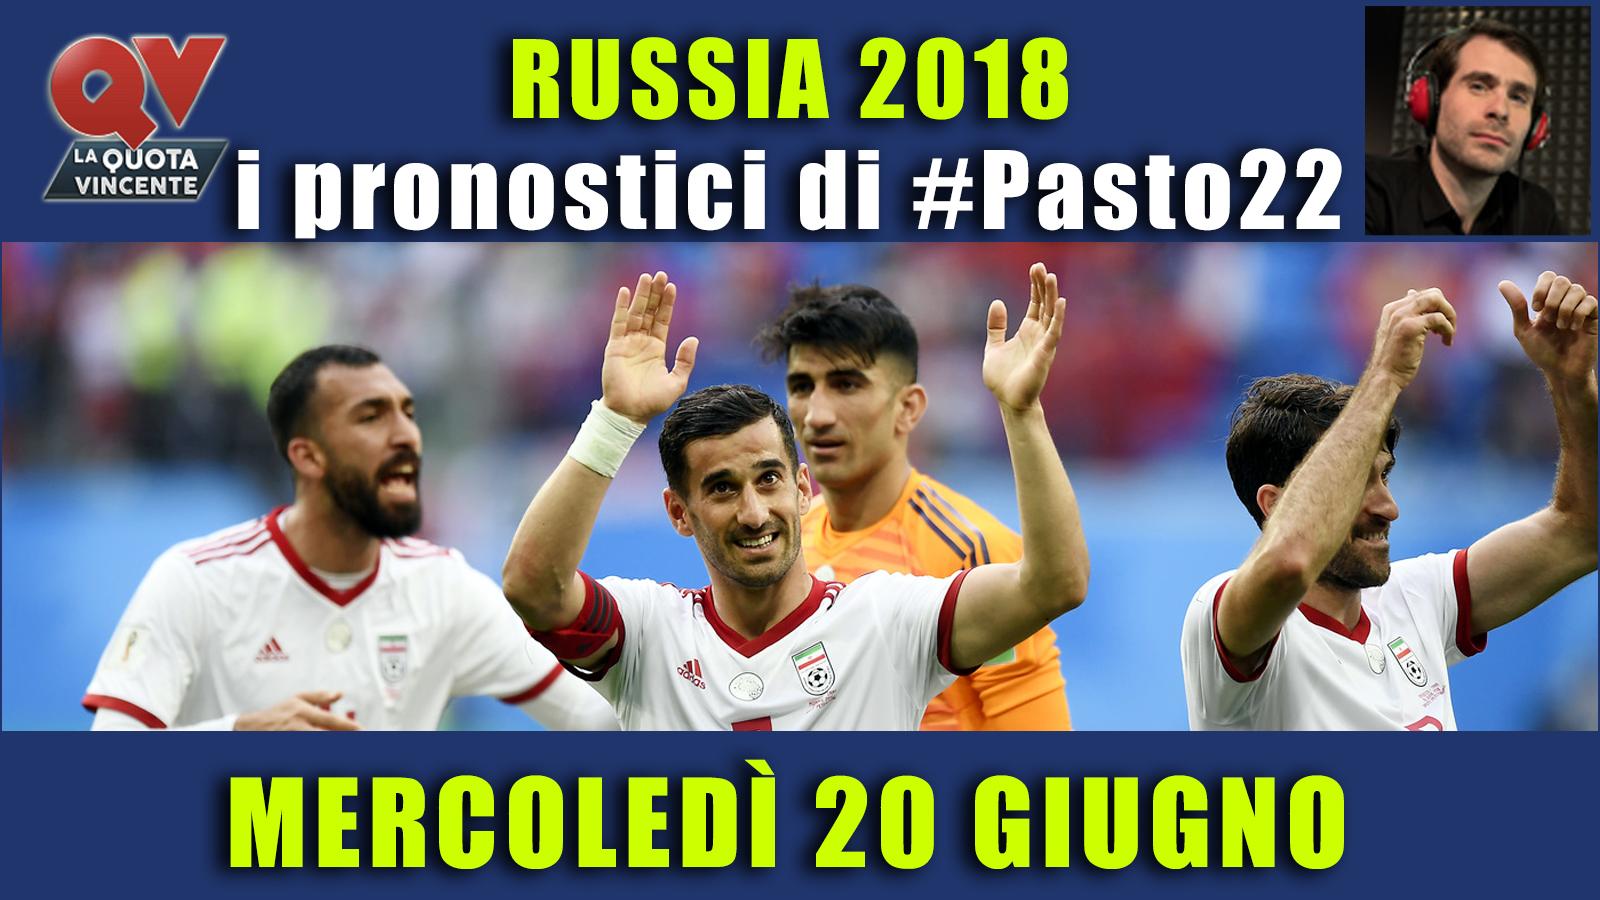 Pronostici Mondiali 20 giugno